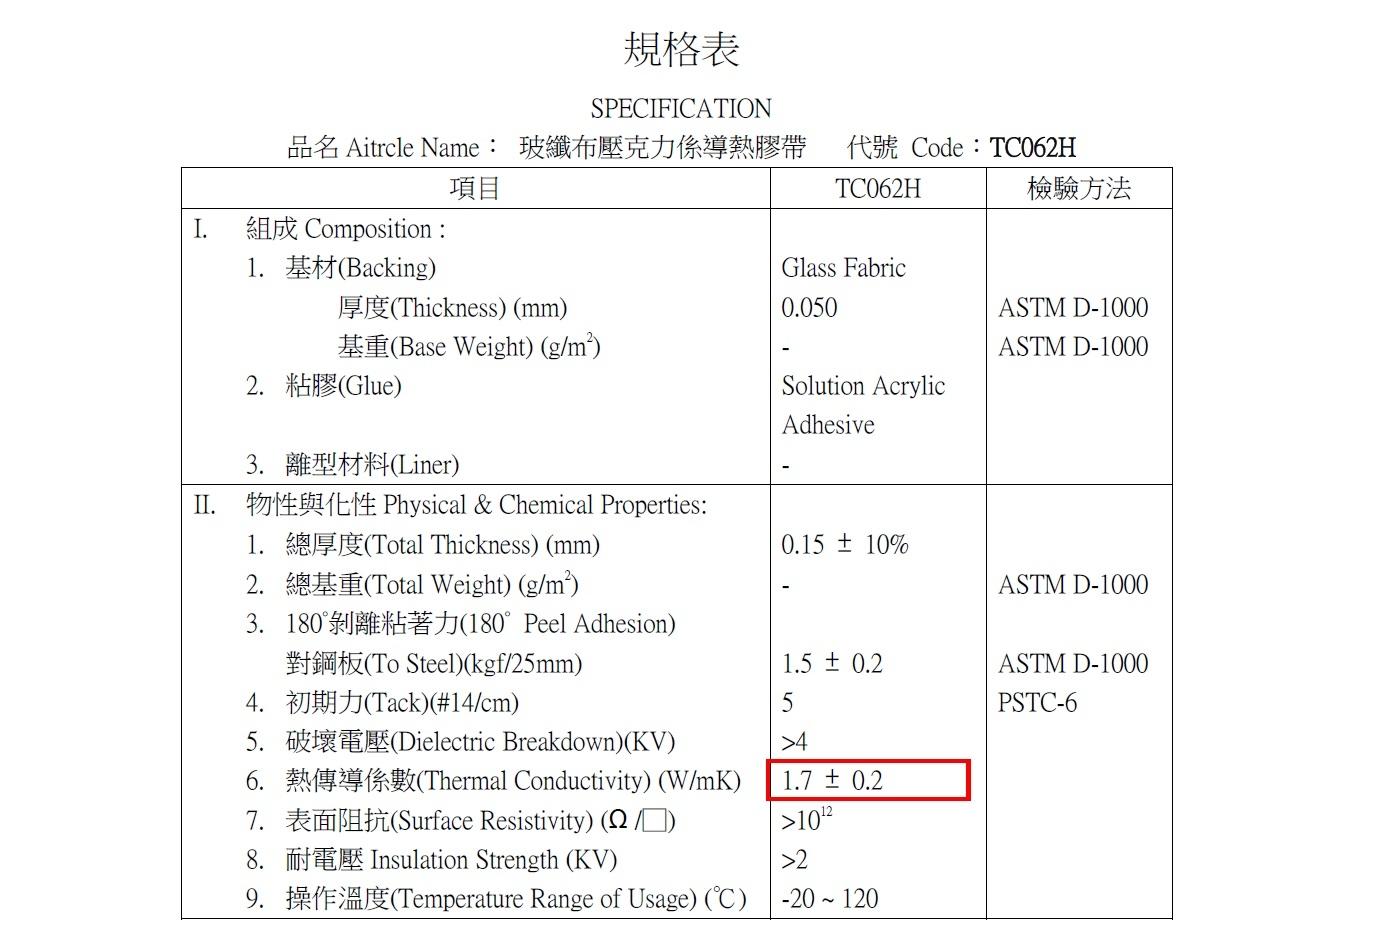 TC062H 規格表(熱傳導系數2)